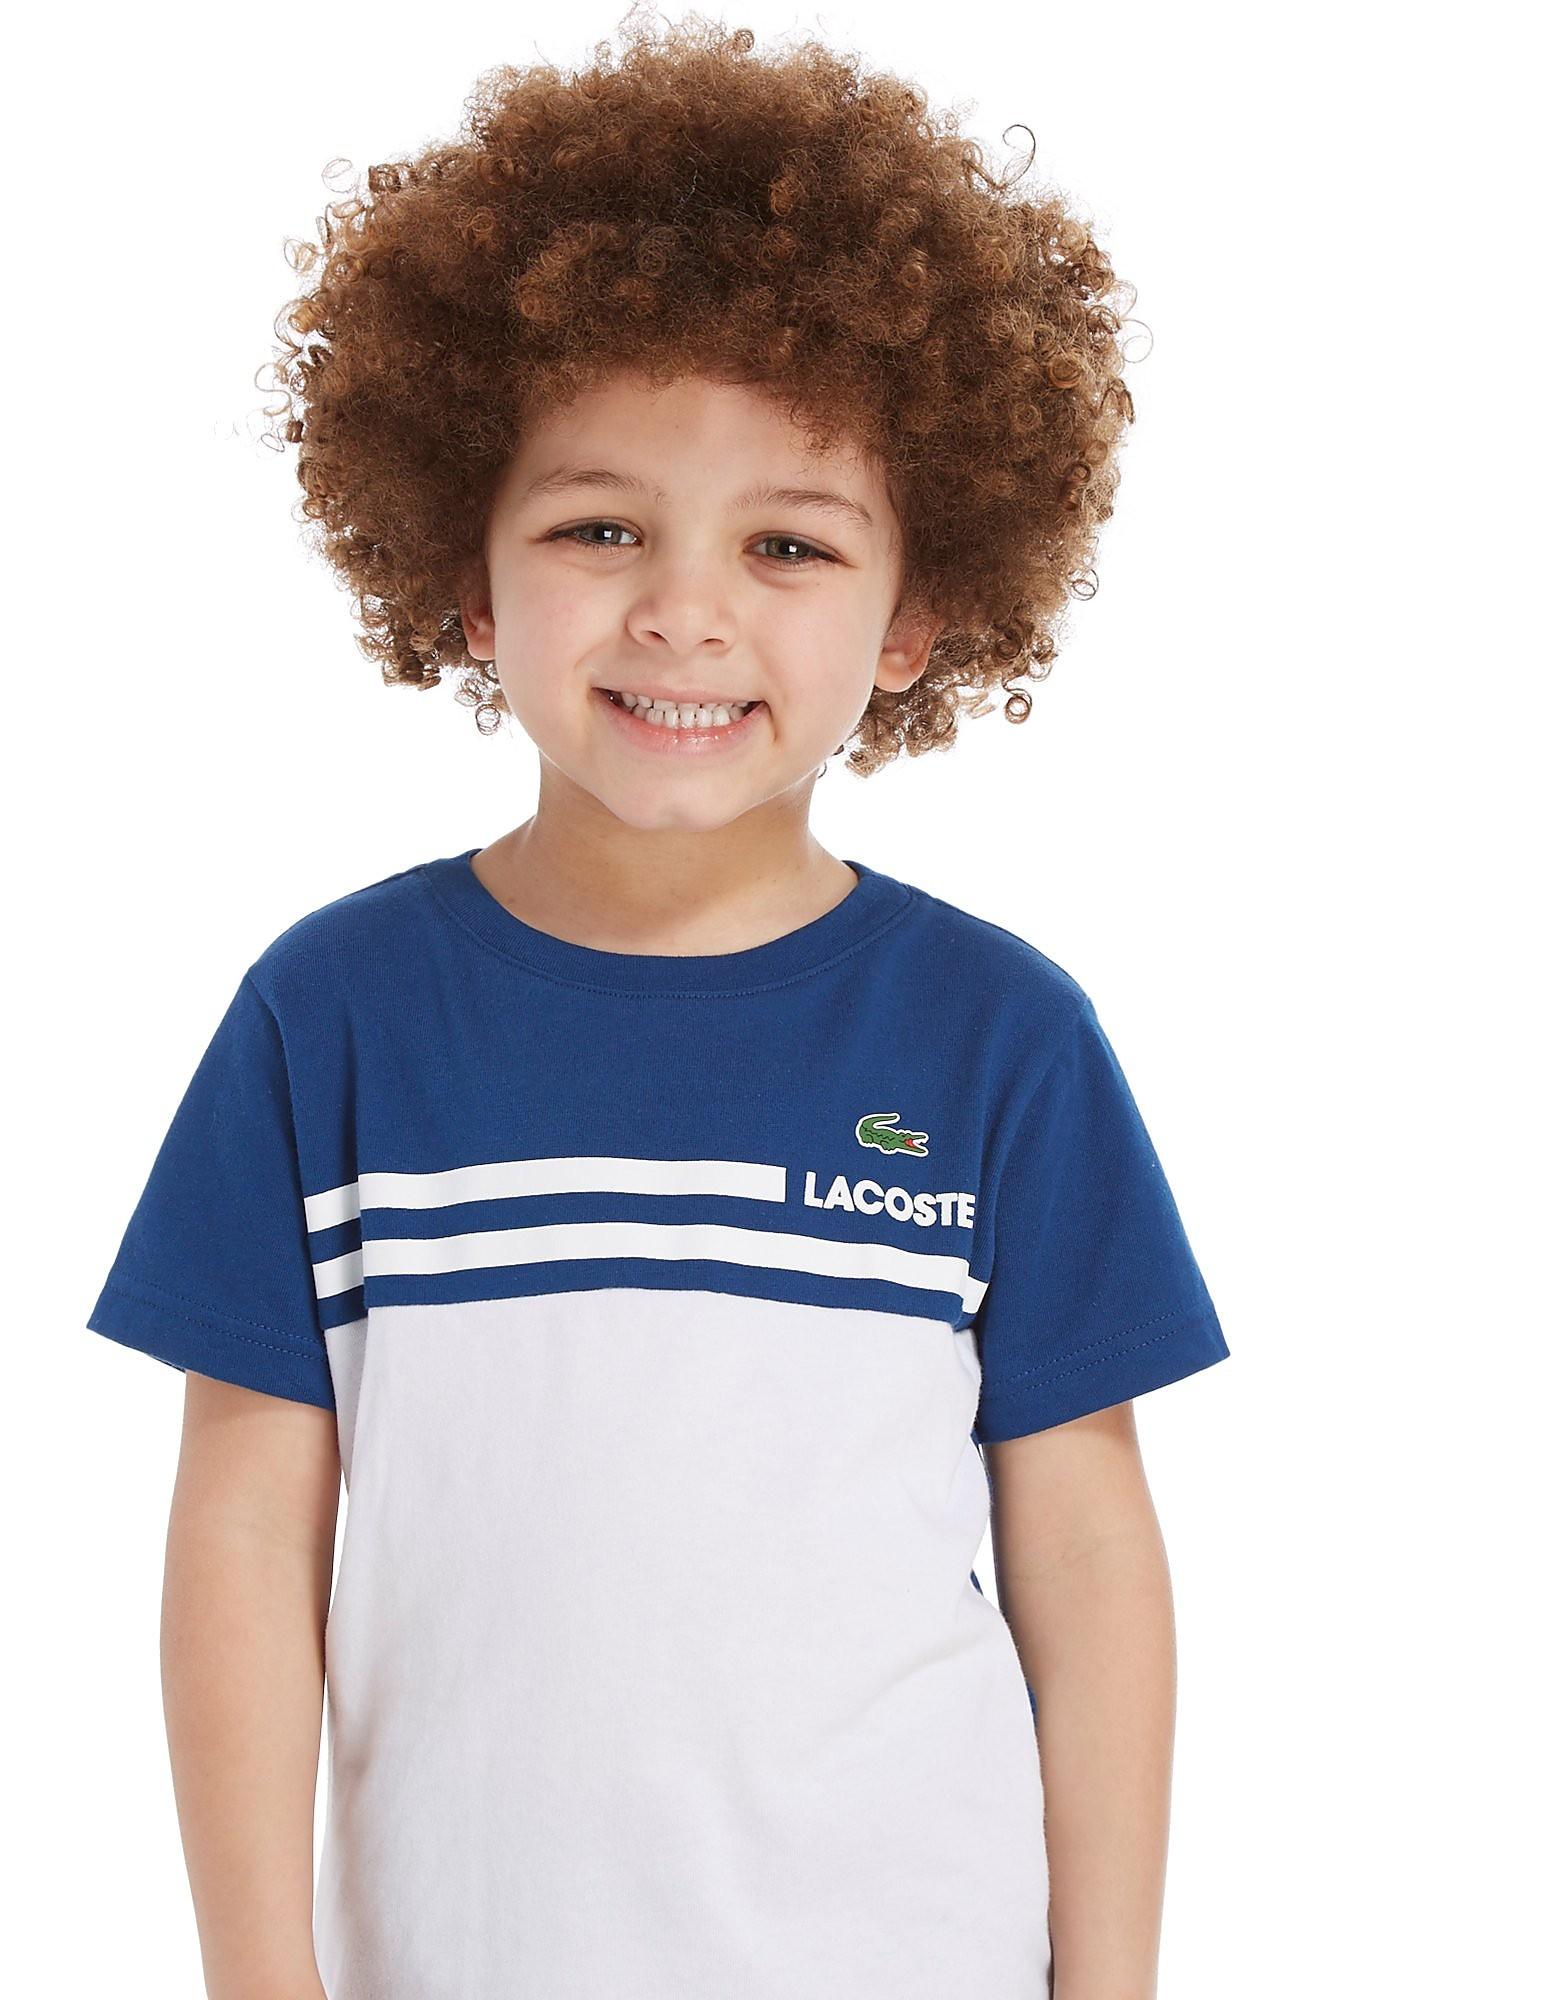 Lacoste Colourblock T-Shirt Children